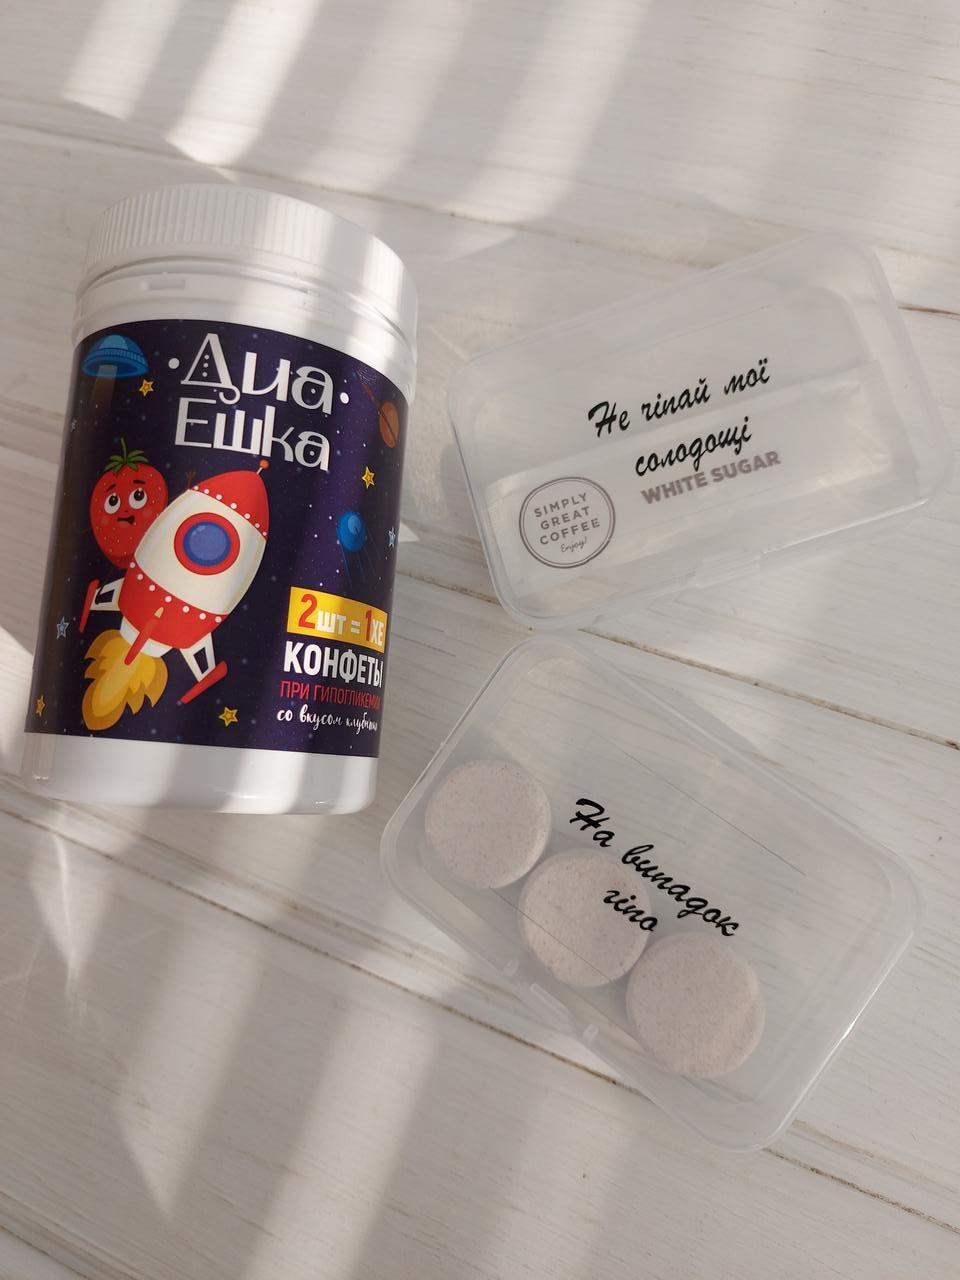 Набор ДИАешка со вкусом клубники для купирования гипо + коробочка